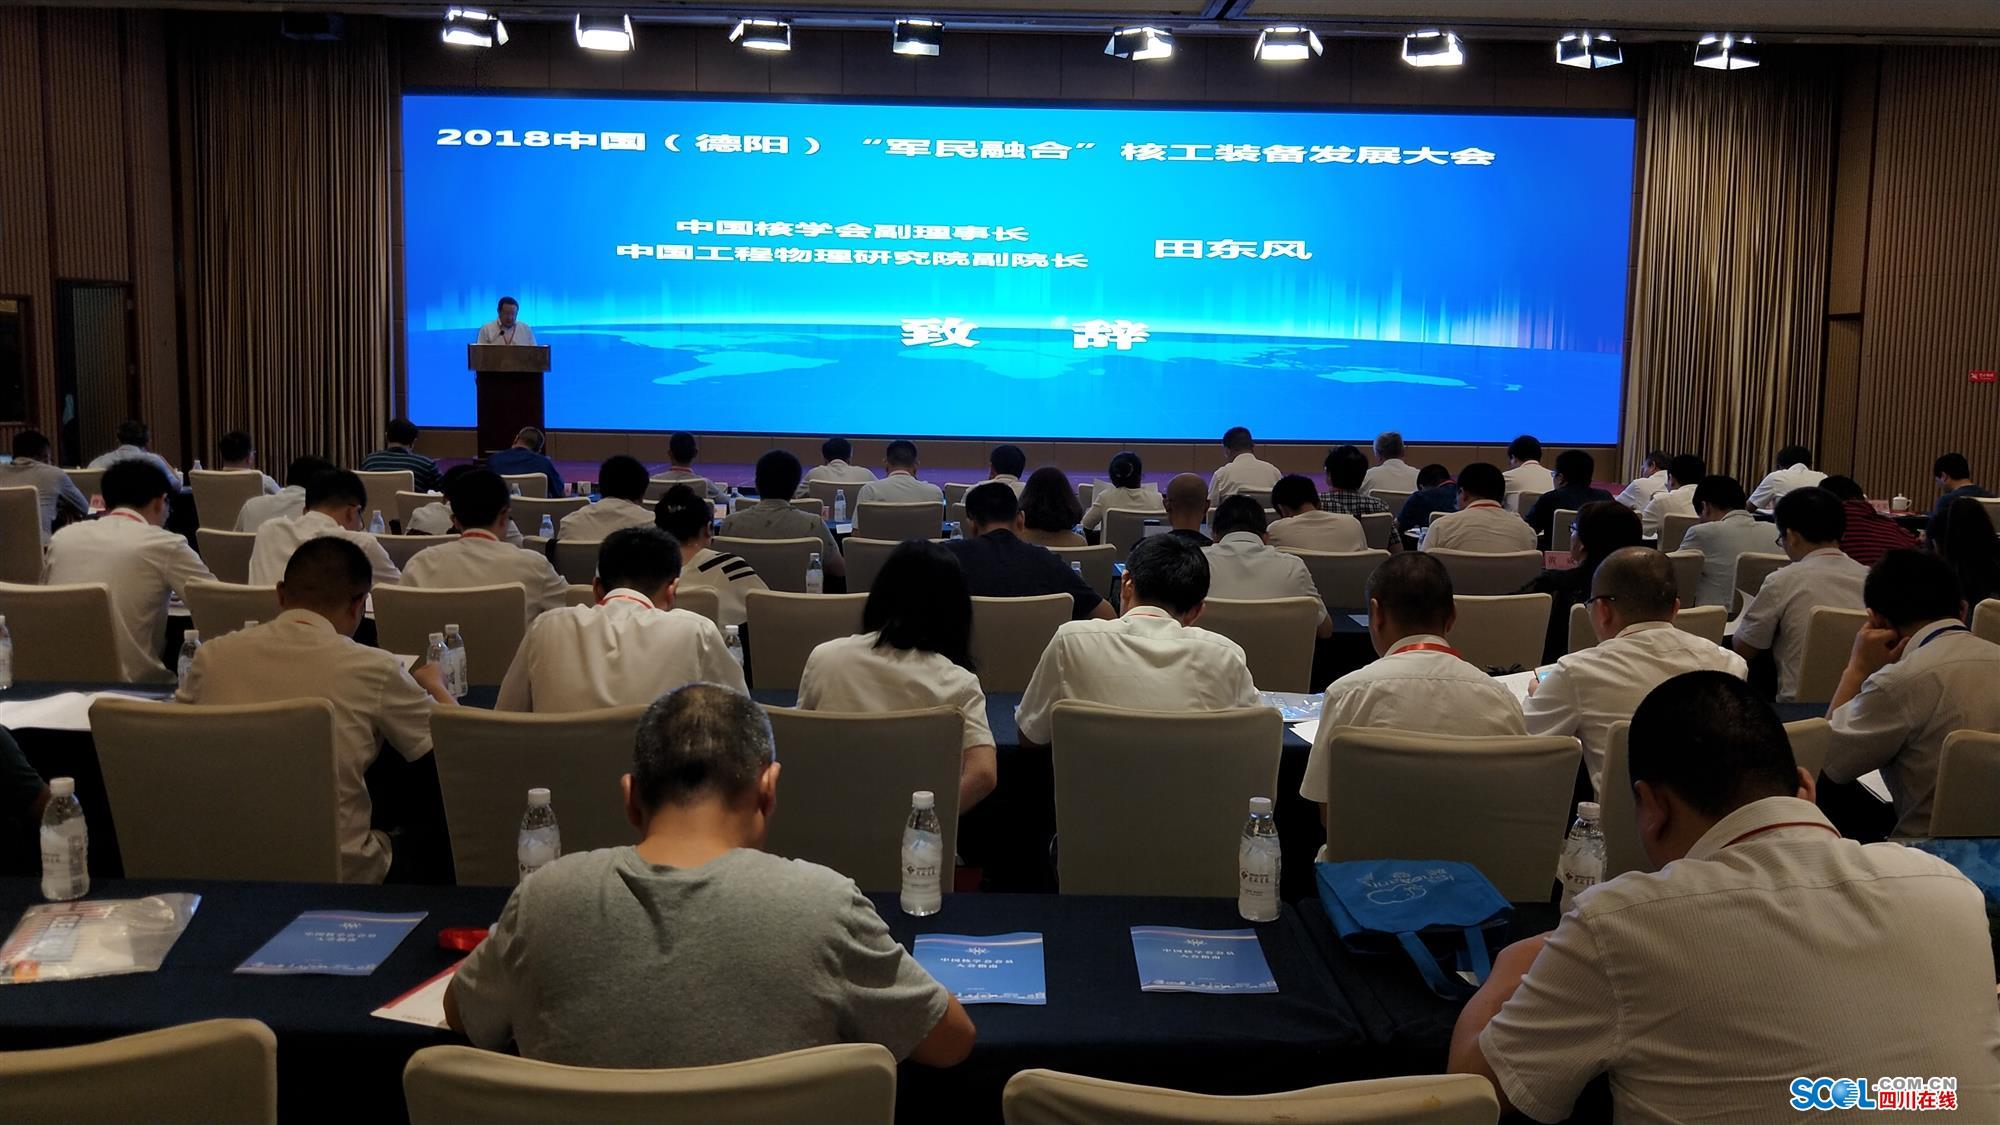 德阳市装备德阳(中国)基础融合核工举办v基础平面设计军民书籍图片